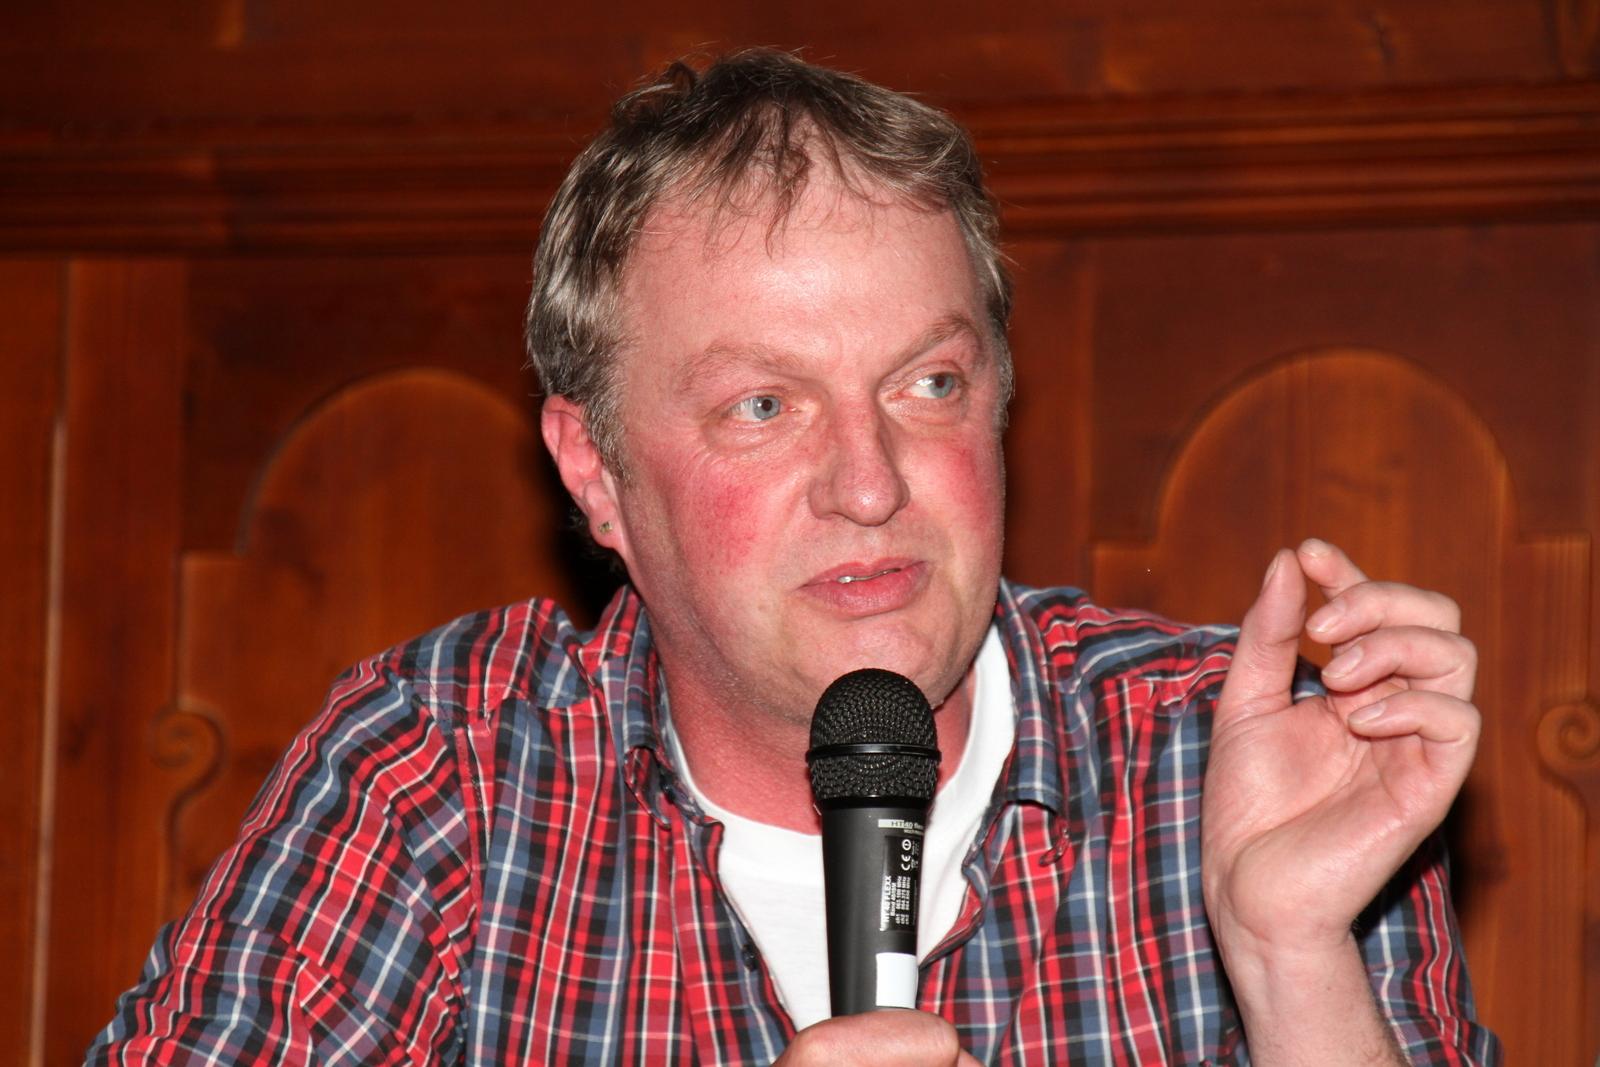 Erwin Schöpges ließ in seinen Ausführungen kein gutes Haar an den gegenwärtigen Verhältnissen in der Land- und Milchwirtschaft.